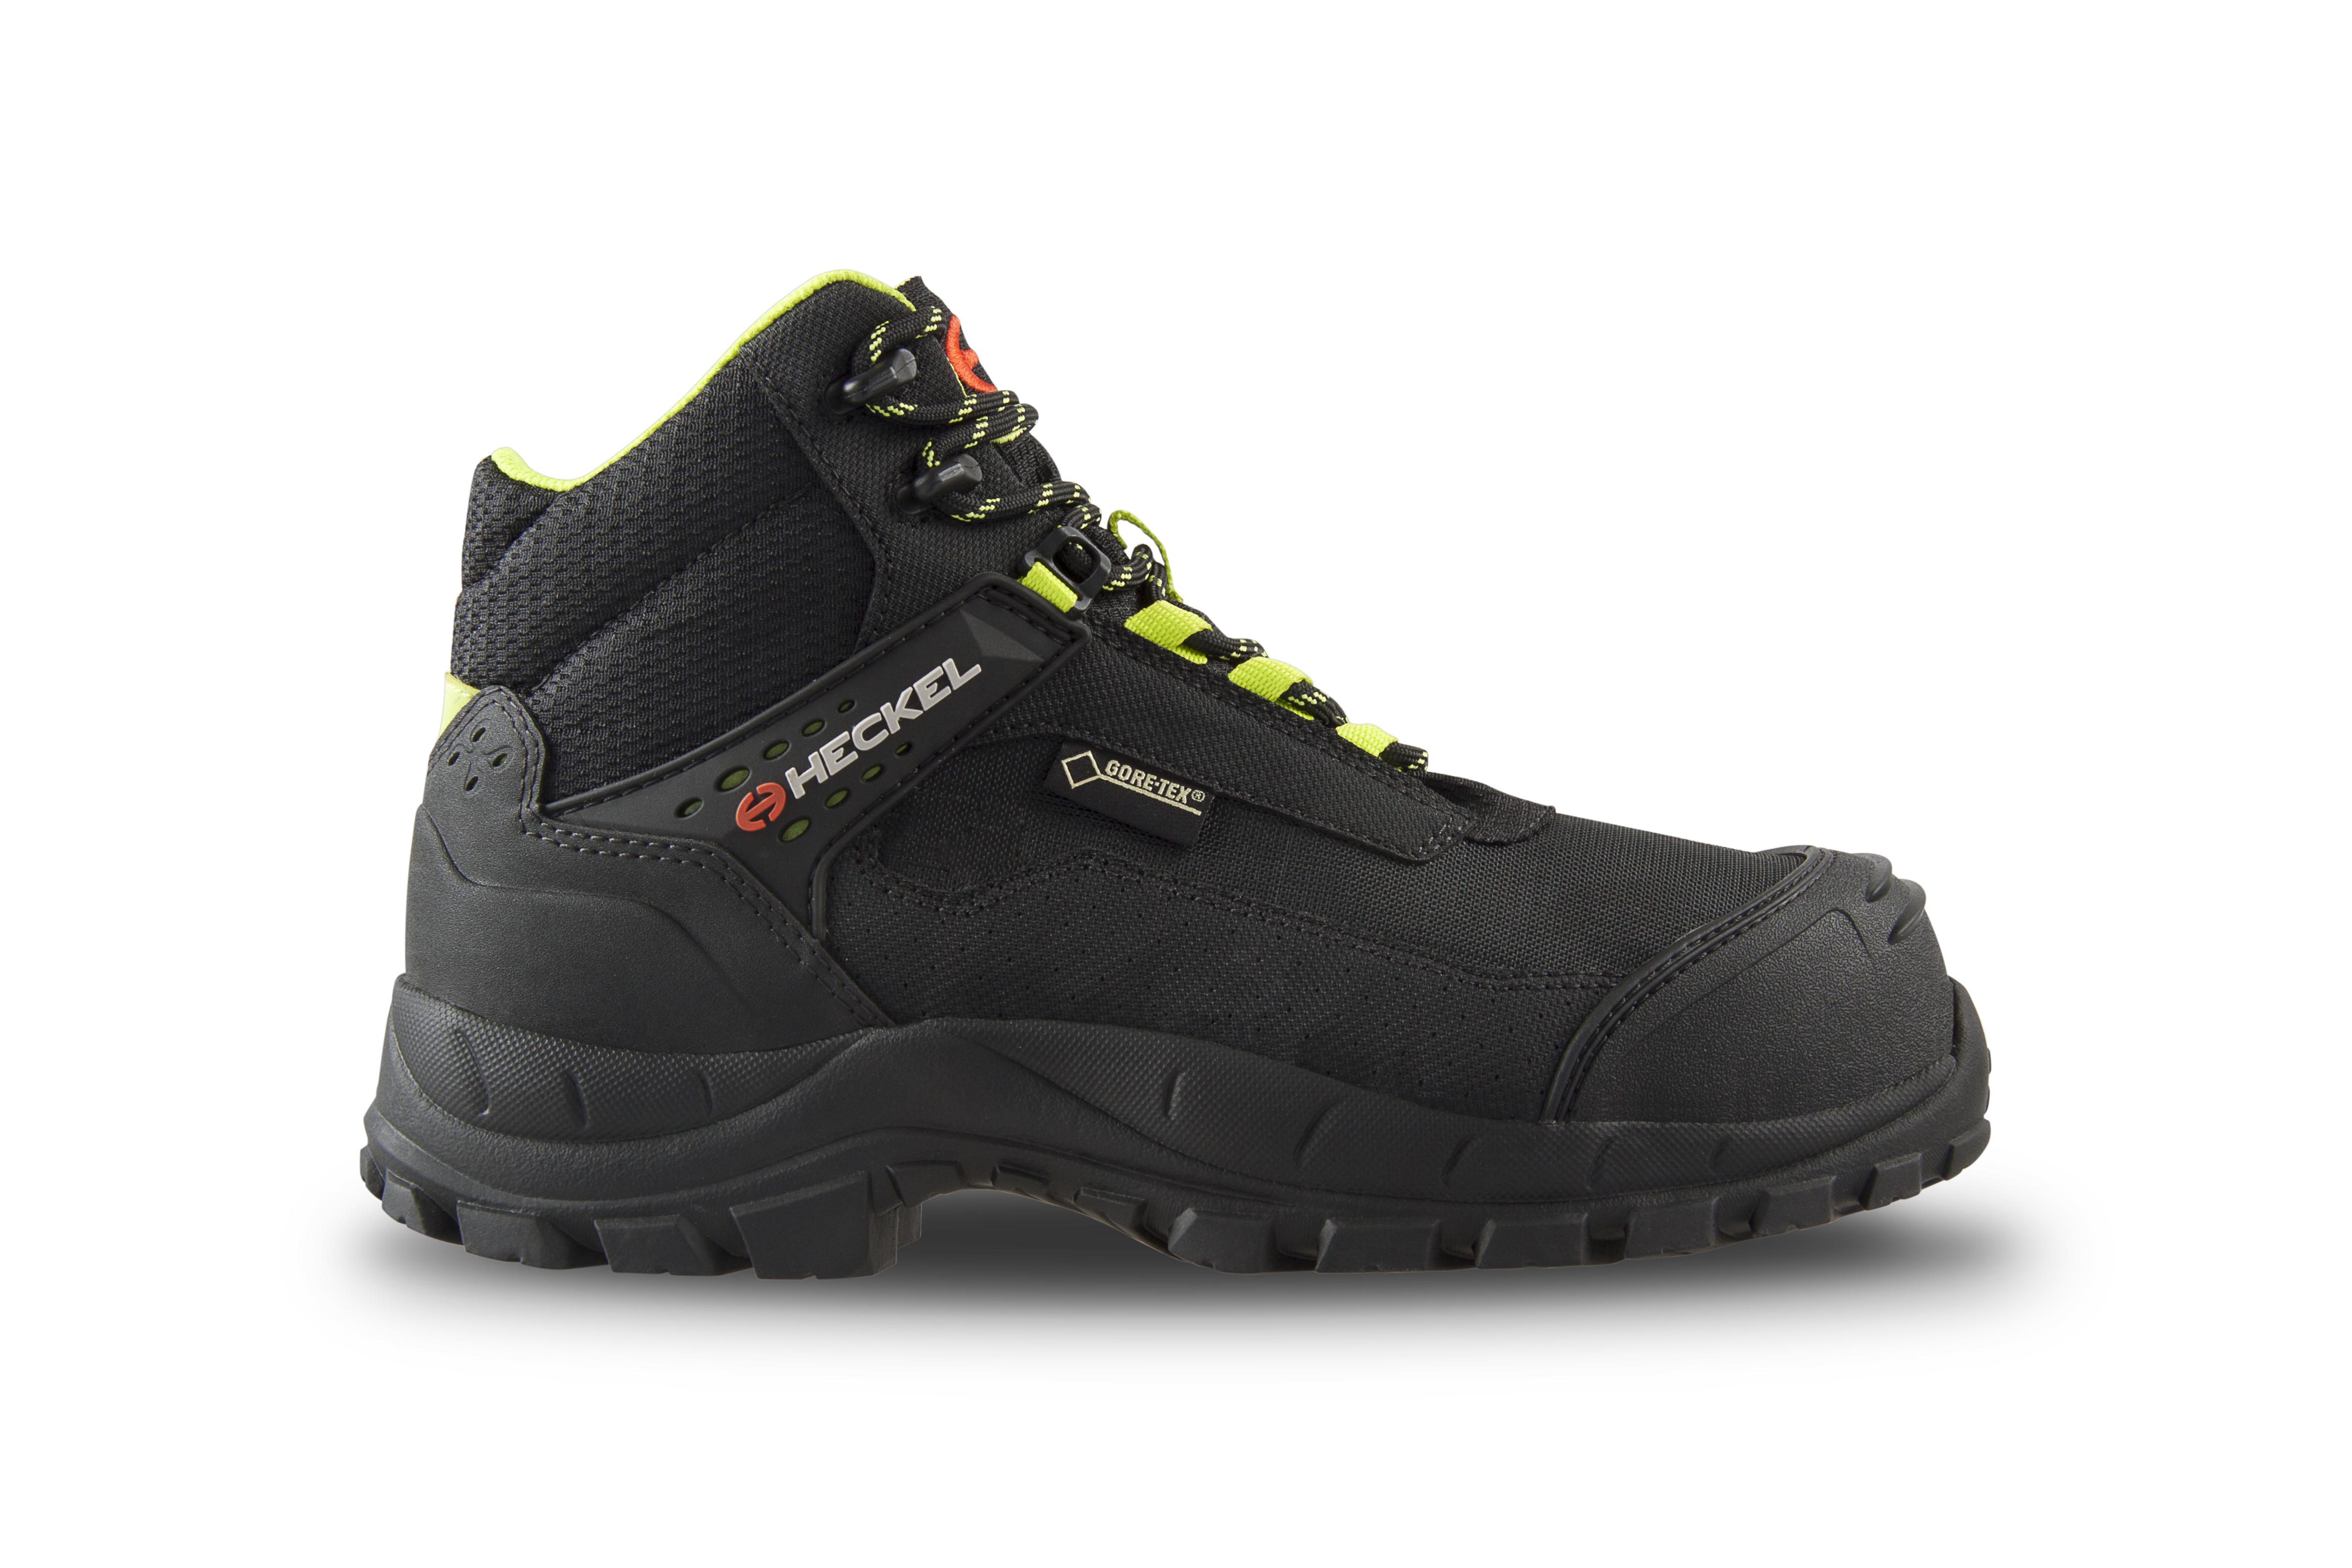 """""""Chaussure de sécurité Gore-Tex MACEXPEDITION 2.0 haute - profil"""""""